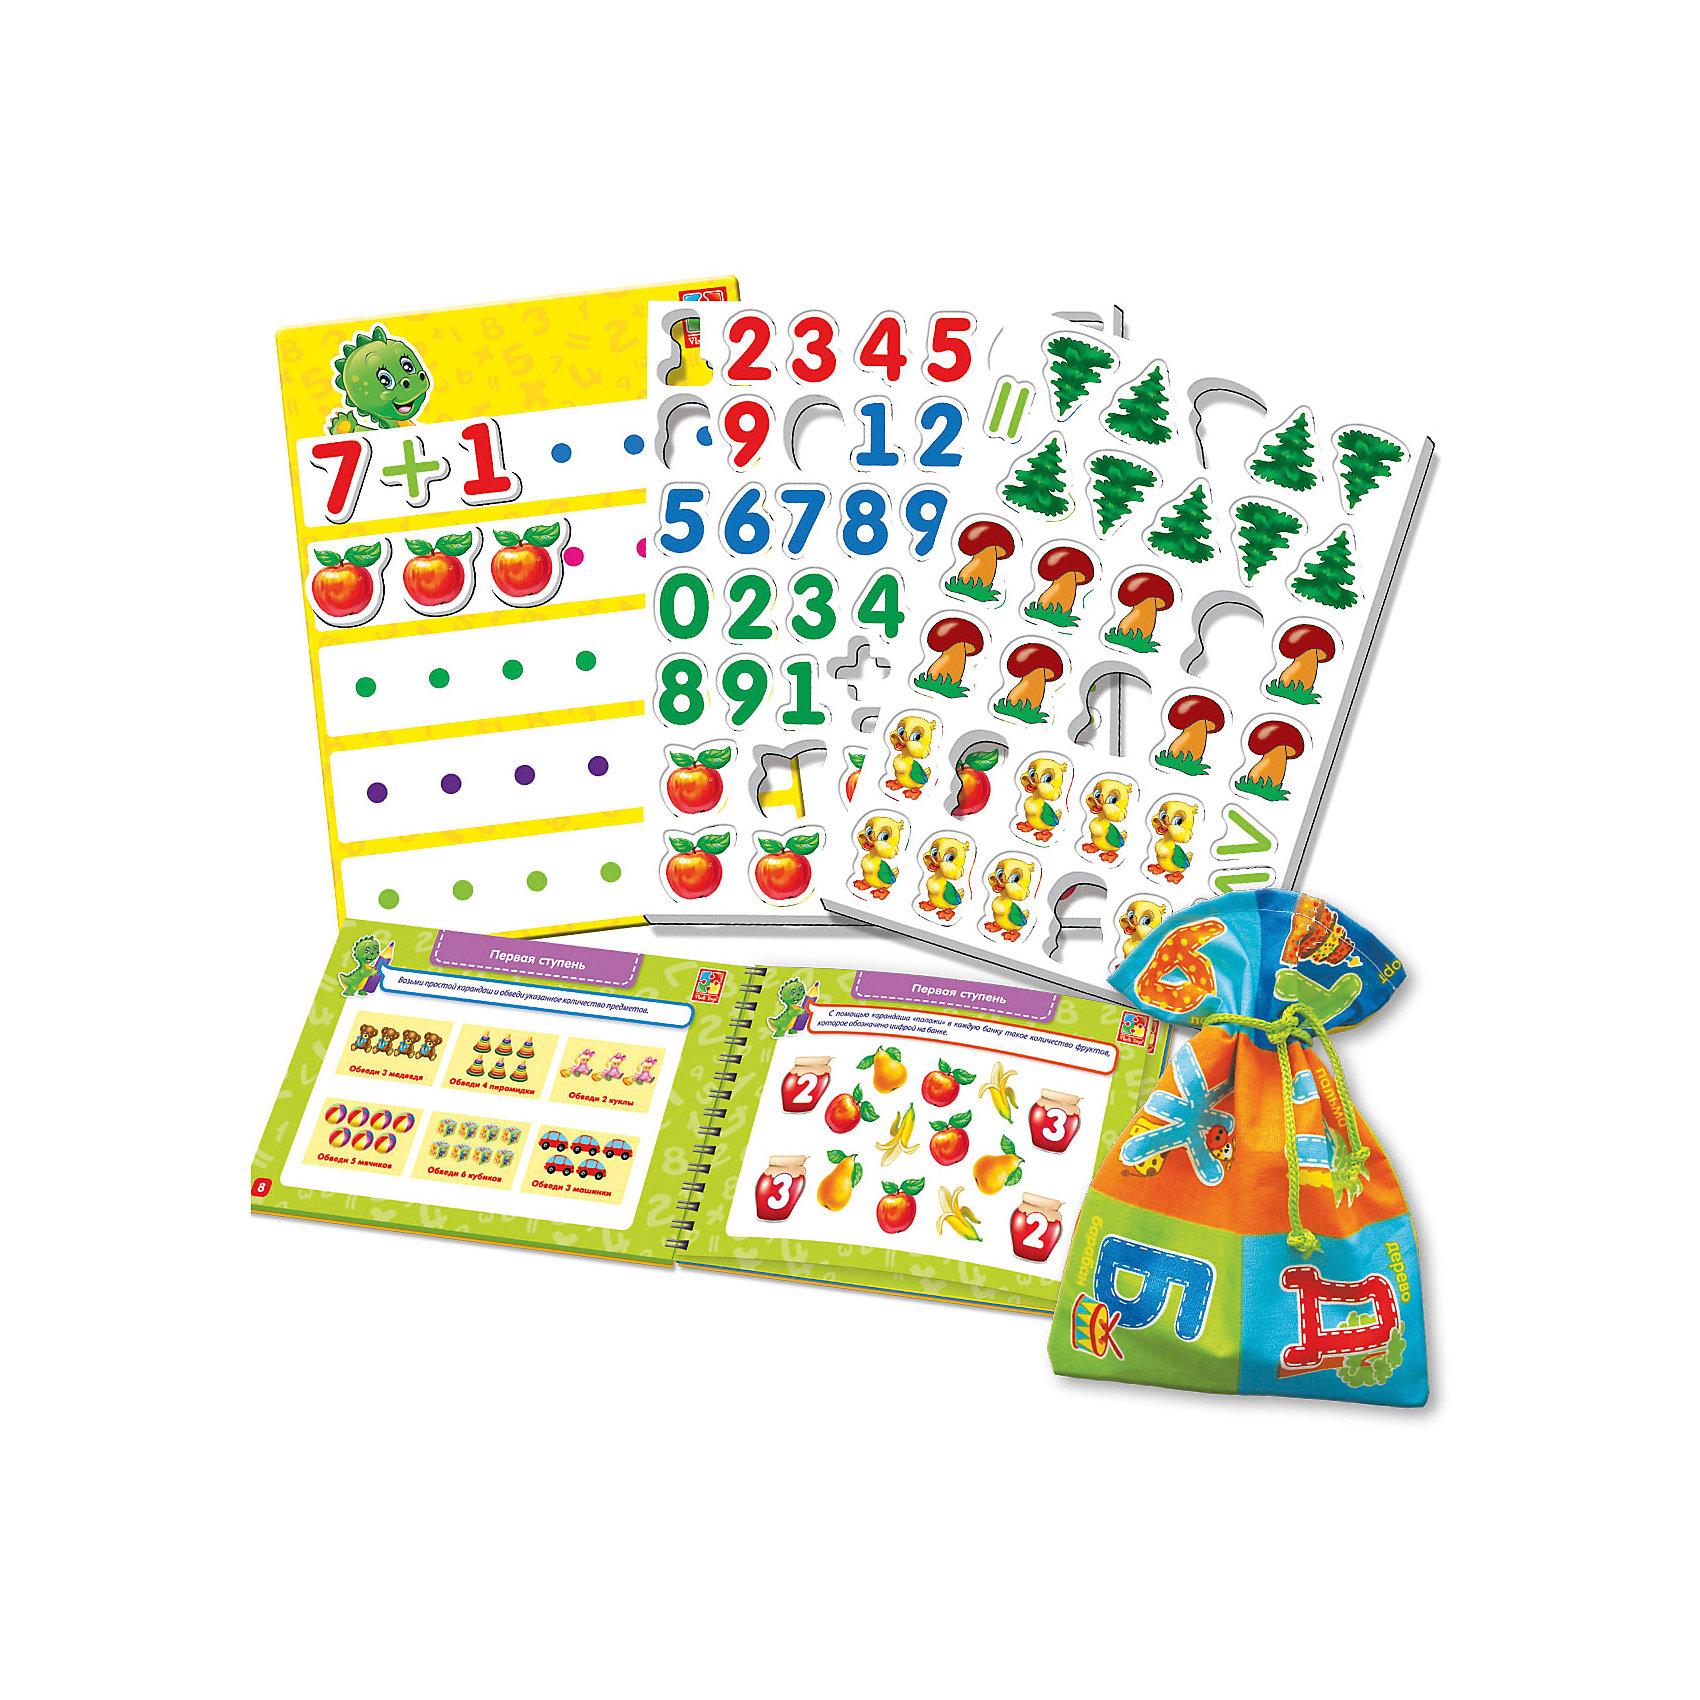 Настольная игра Больше чем Математика, Vladi ToysПособия для обучения счёту<br>Характеристики:<br><br>• Вид игр: обучающие, развивающие<br>• Серия: Настольные игры<br>• Пол: универсальный<br>• Материал: картон, пластик, текстиль, магнит<br>• Цвет: голубой, красный, оранжевый, зеленый, желтый и др.<br>• Комплектация: магнитная доска, декоративные наклейки, 30 магнитных цифр, 13 магнитных математических знаков, 40 магнитных картинок, игровой кубик, методическое пособие с заданиями, текстильный мешочек<br>• Размеры упаковки (Д*Ш*В): 39,5*7,1*30 см<br>• Тип упаковки: картонный чемоданчик<br>• Вес в упаковке: 950 г<br>• Предусмотрено несколько вариантов игр<br>• Возможность вариации заданий по сложности <br><br>Настольная игра Больше чем Математика, Vladi Toys, производителем которых является компания, специализирующаяся на выпуске развивающих игр, давно уже стали популярными среди аналогичной продукции. Развивающие настольные игры являются эффективным способом развития и обучения ребенка. Игра Больше чем Математика отличается комплексным подходом к подготовке ребенка к школе: в ней предусмотрены игры и задания разного уровня сложности. Все элементы отличаются яркостью красок и наглядностью. Все используемые в производстве материалы являются экологически безопасными, не вызывают аллергии, не имеют запаха. Набор состоит из магнитной доски, набора из 30 цифр и 13 знаков с мешочком для их хранения, декоративных наклеек и 40 магнитных картинок. В комплекте предусмотрено пособие с разноуровневыми заданиями с главным героем динозавриком Тимой.<br>Занятия с настольной игрой Больше чем Математика, Vladi Toys позволят в легкой игровой форме выучить цифры, решать примеры, развивать воображение и обогатить словарный запас ребенка.<br><br>Настольную игру Больше чем Математика, Vladi Toys можно купить в нашем интернет-магазине.<br><br>Ширина мм: 395<br>Глубина мм: 71<br>Высота мм: 300<br>Вес г: 950<br>Возраст от месяцев: 24<br>Возраст до месяцев: 84<br>Пол: Унисекс<br>Возраст: Детски